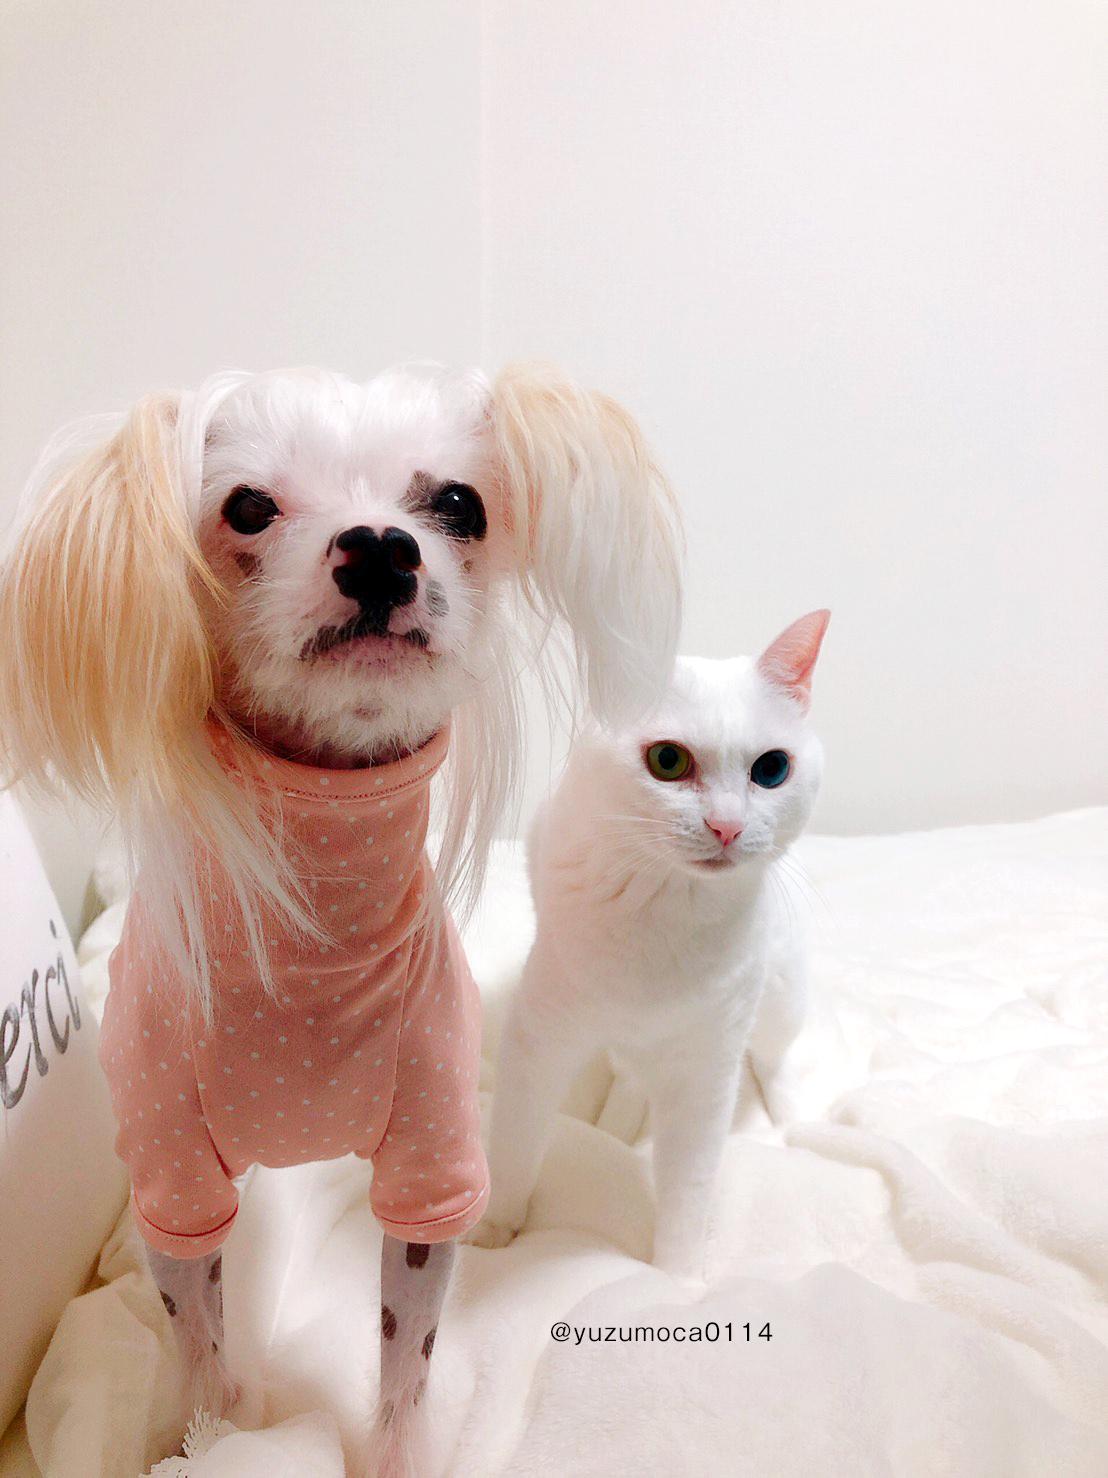 チャイクレは皮膚がデリケートなので体型を意識しながら犬服を製作しました|イタグレ服、ミニピン服、ウィペット服、サルーキ服などをハンドメイドで製作しています。愛犬に合ったサイズに調整するだけでなく、愛犬の個性や特徴に合わせてお洋服のデザインを決める事ができるお店です。